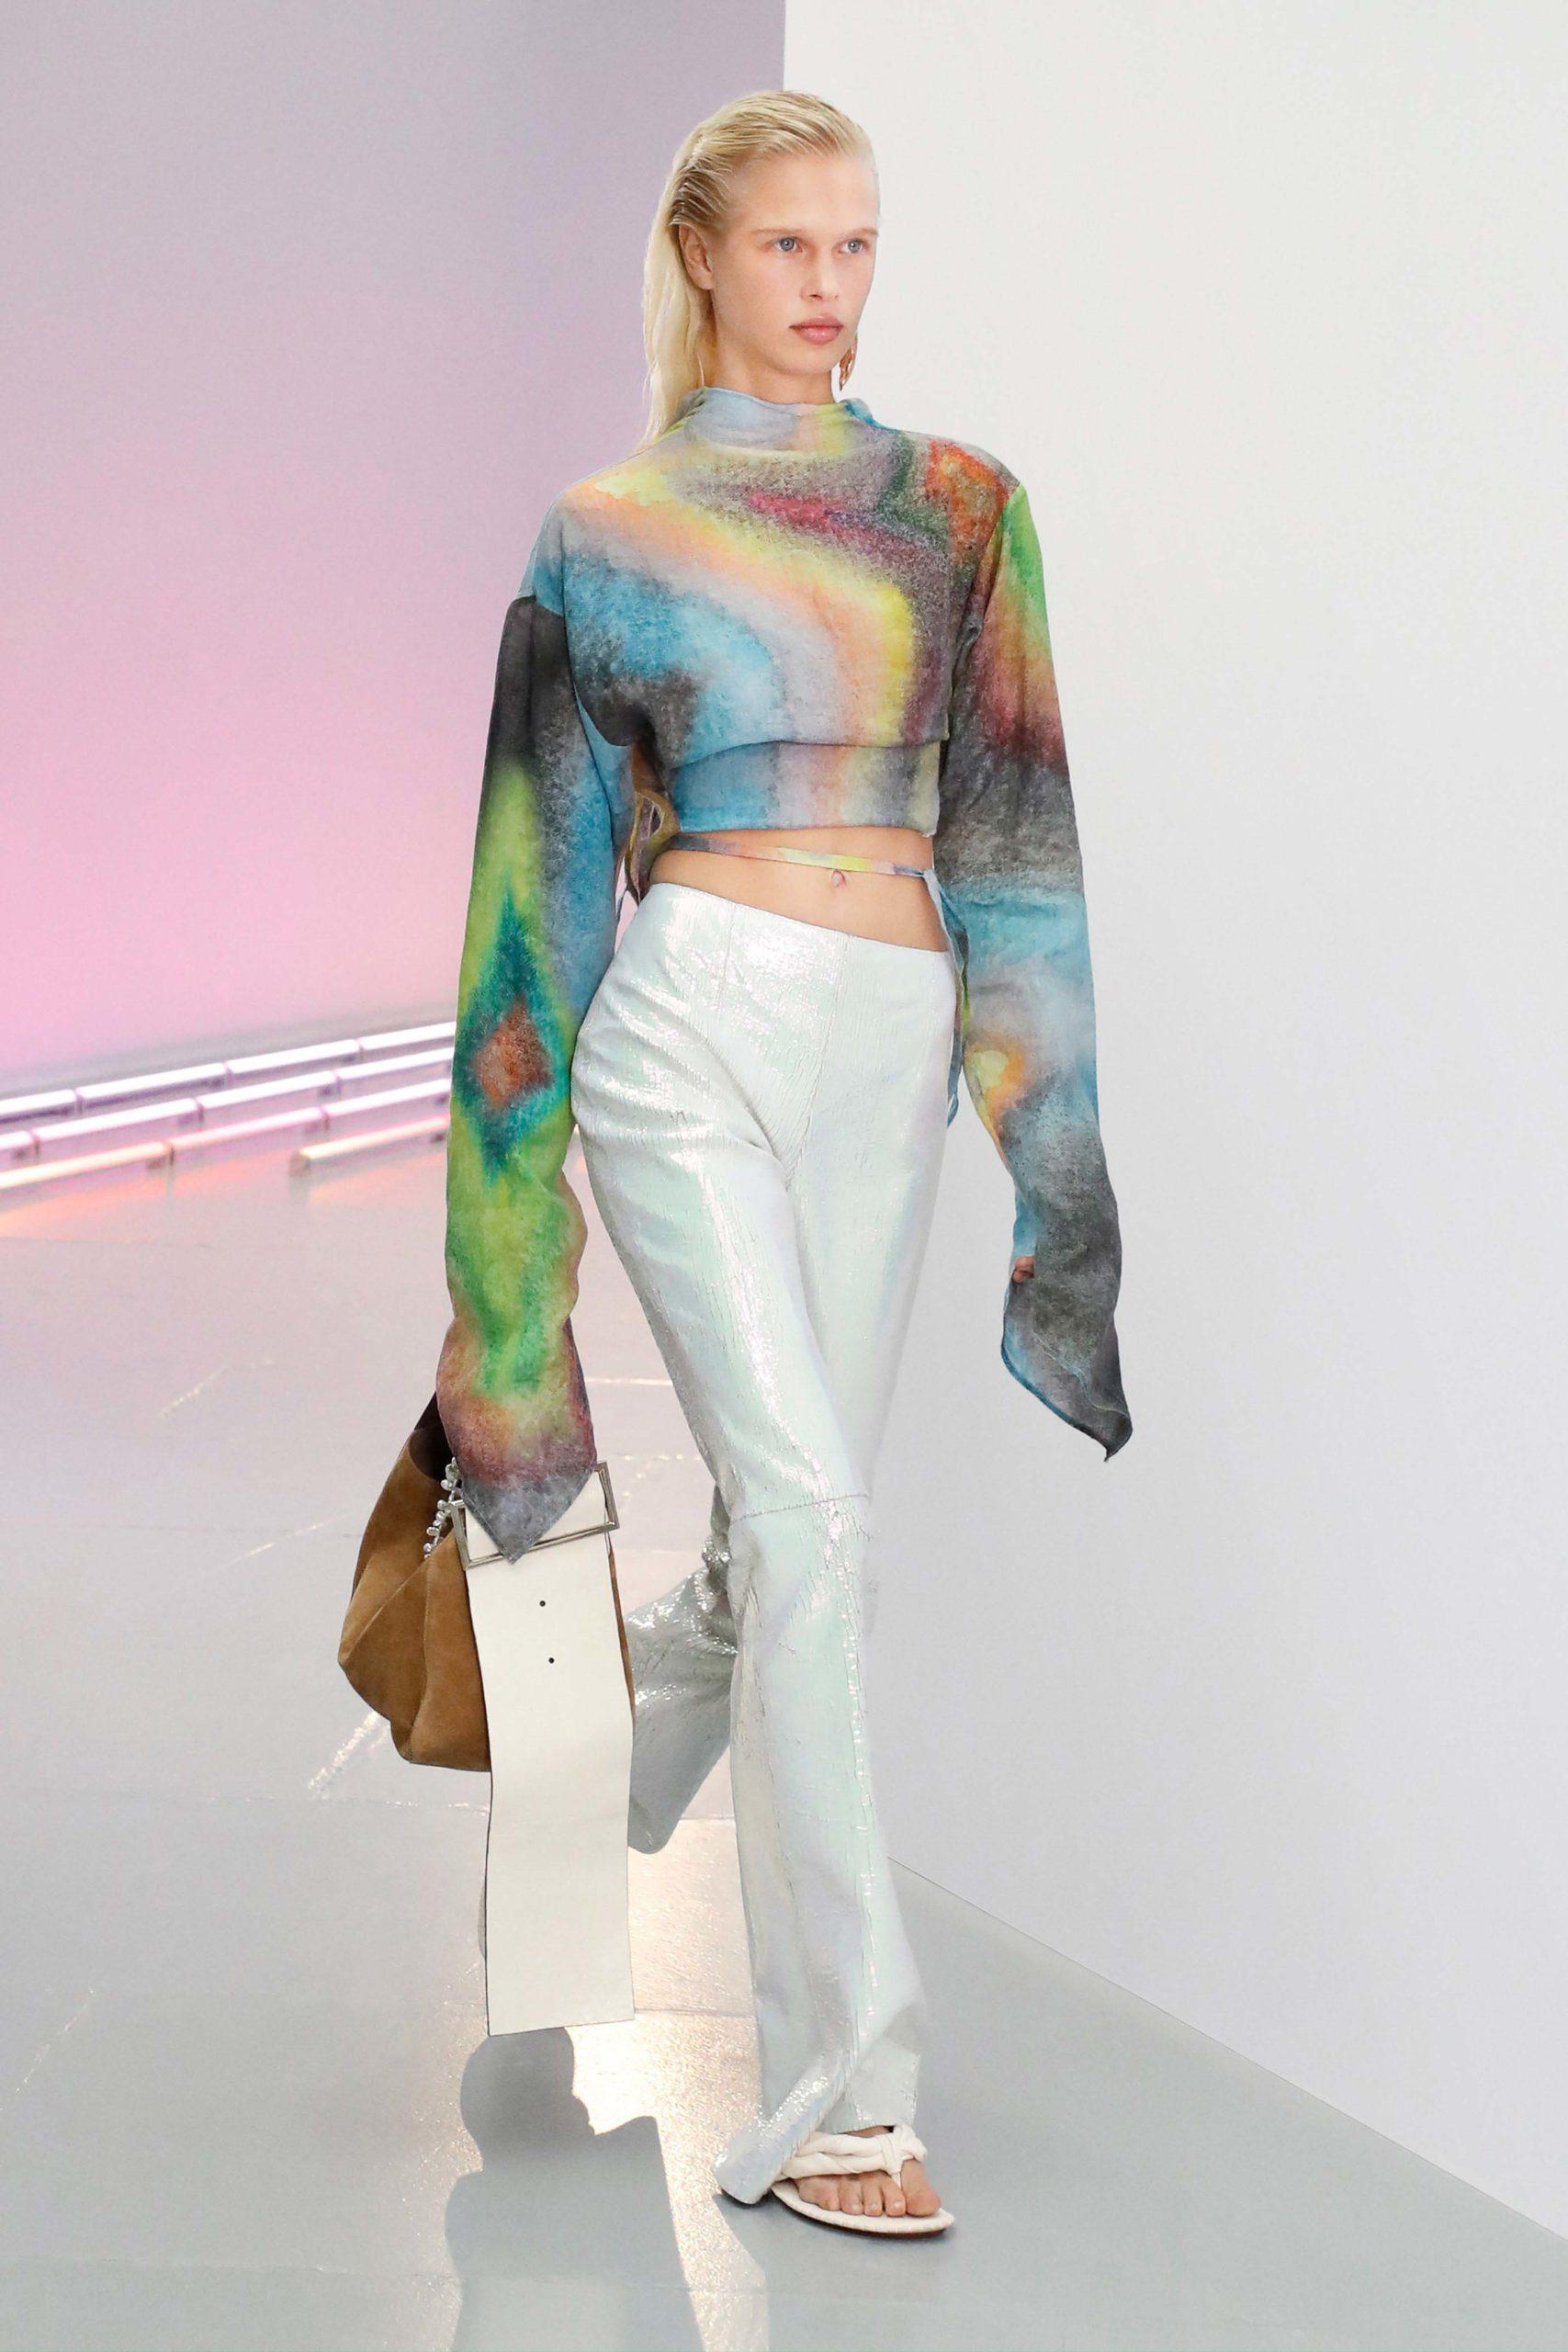 Spring Summer 2021 trends runway coverage Ready To Wear Vogue mermaid pants Acne Studios metallic pants